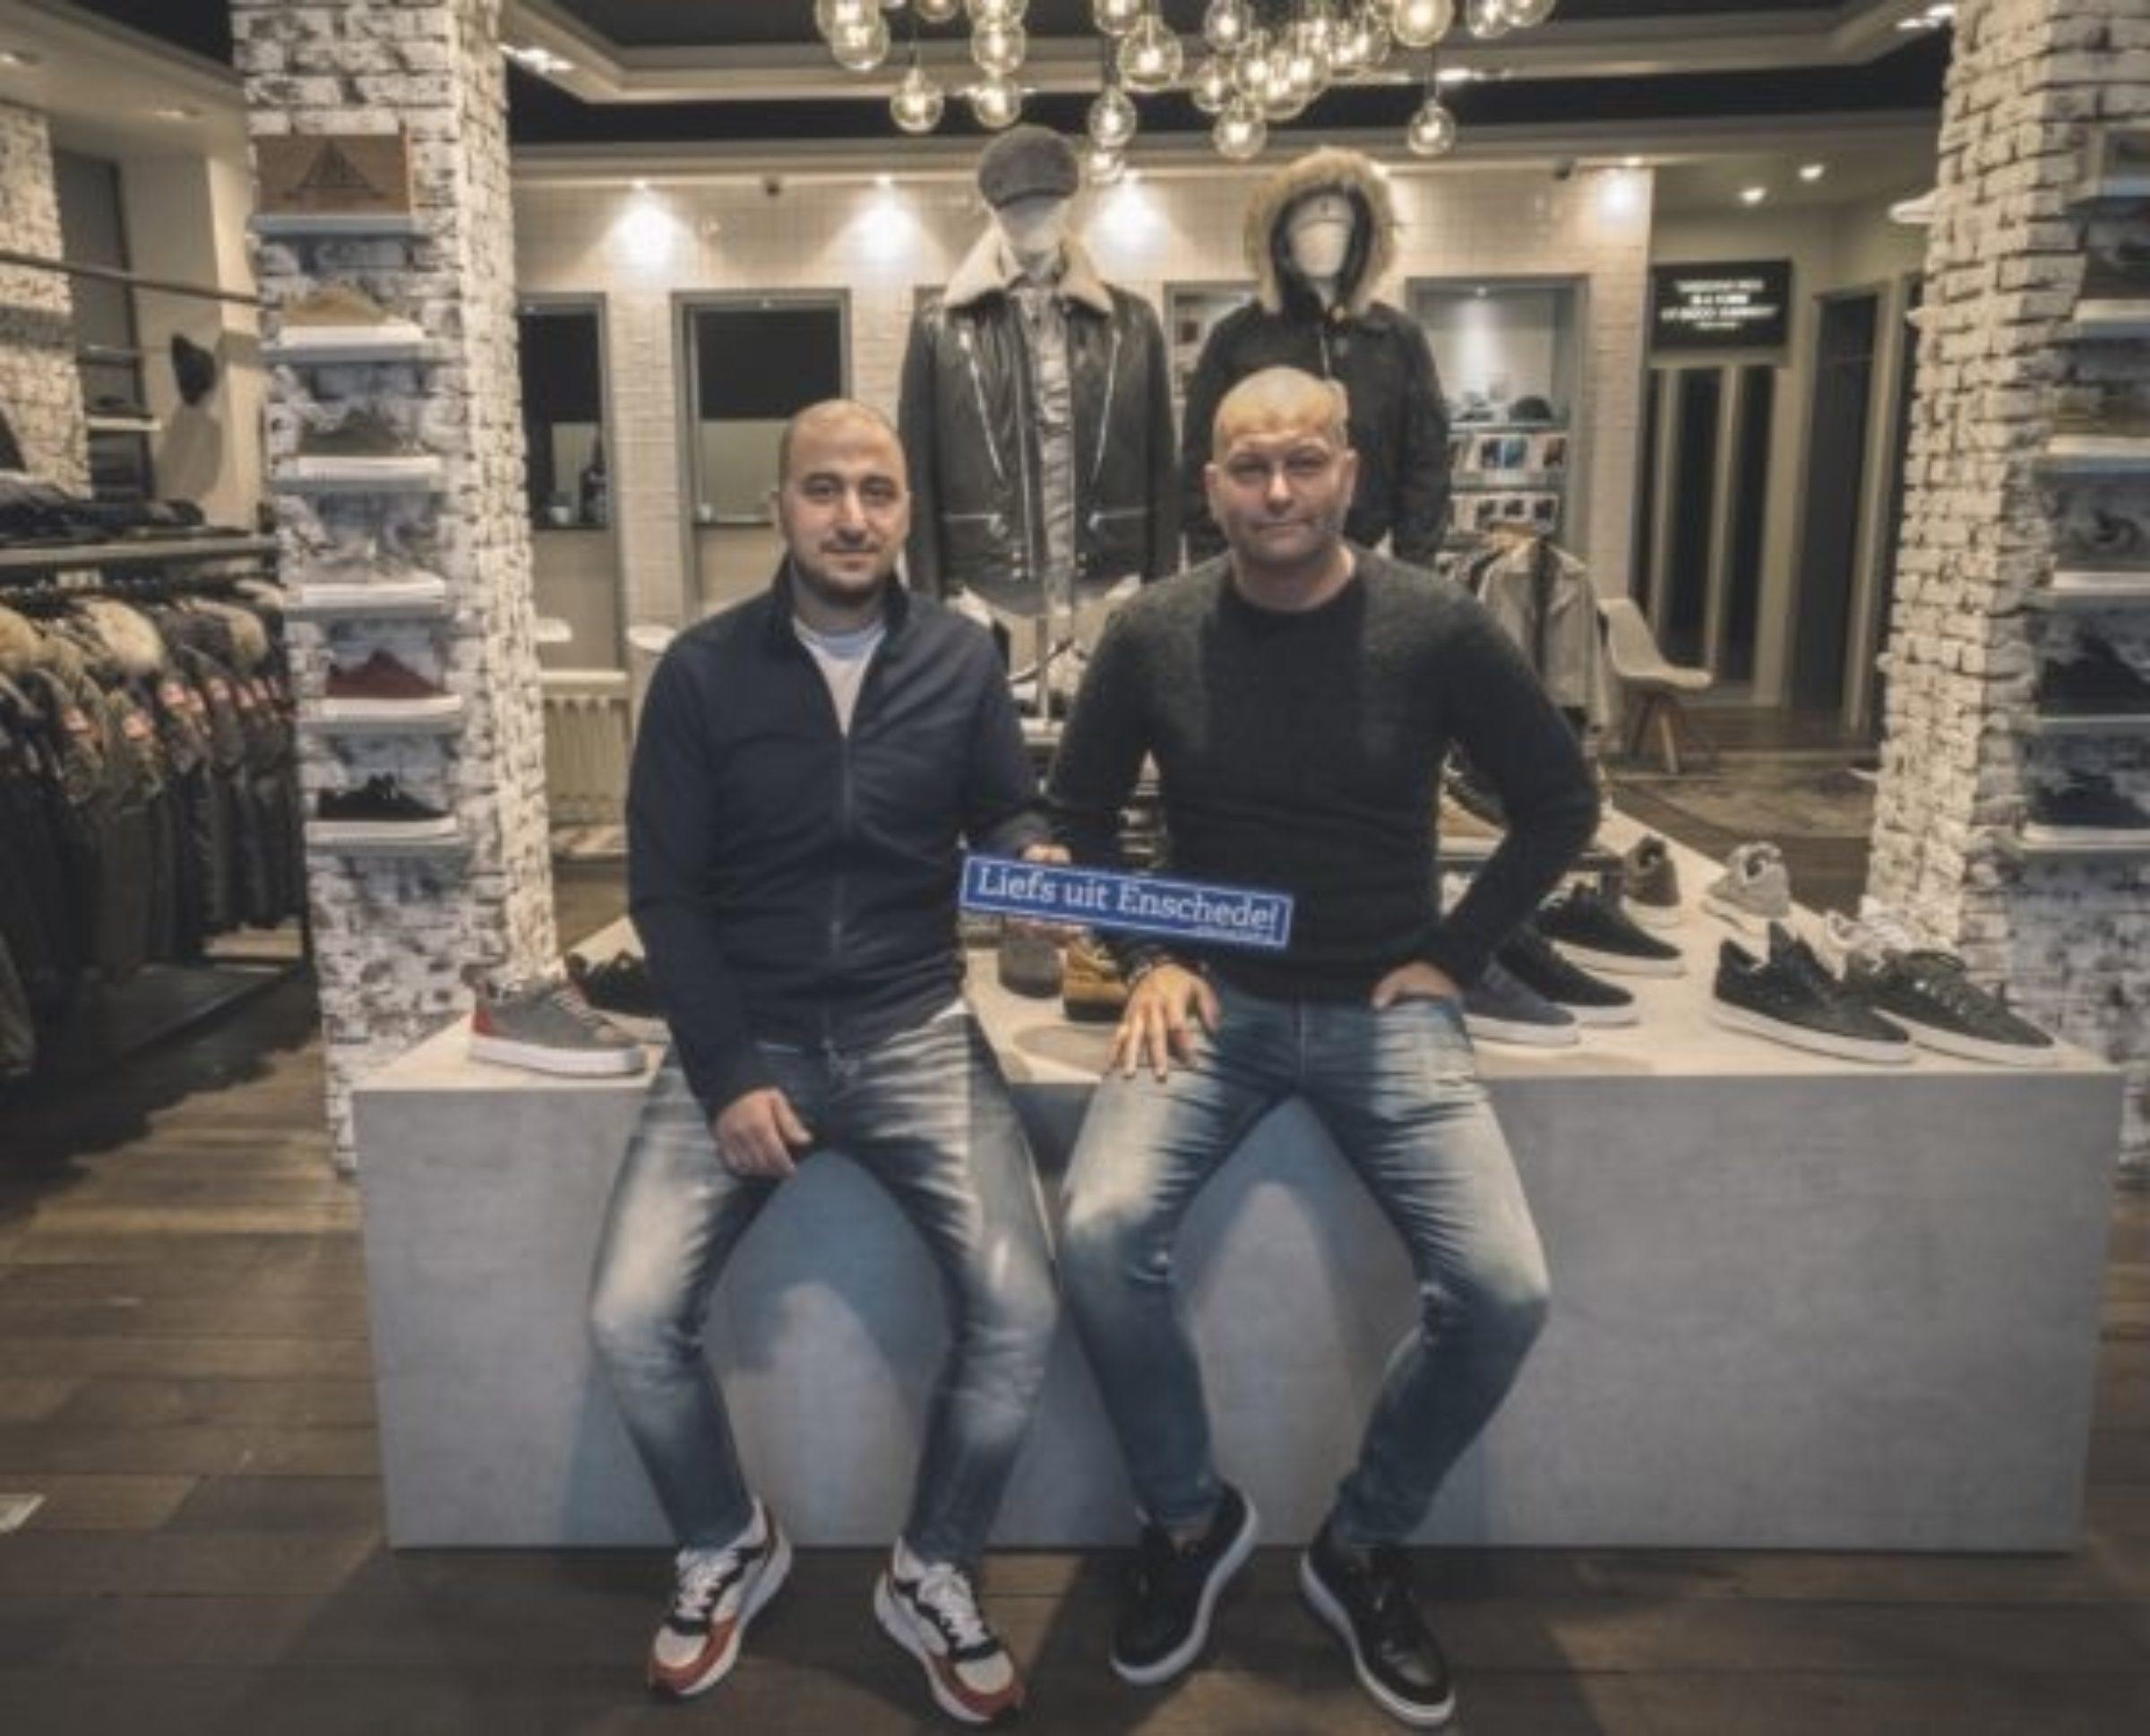 2019 Liefs Uit Enschede Confetti